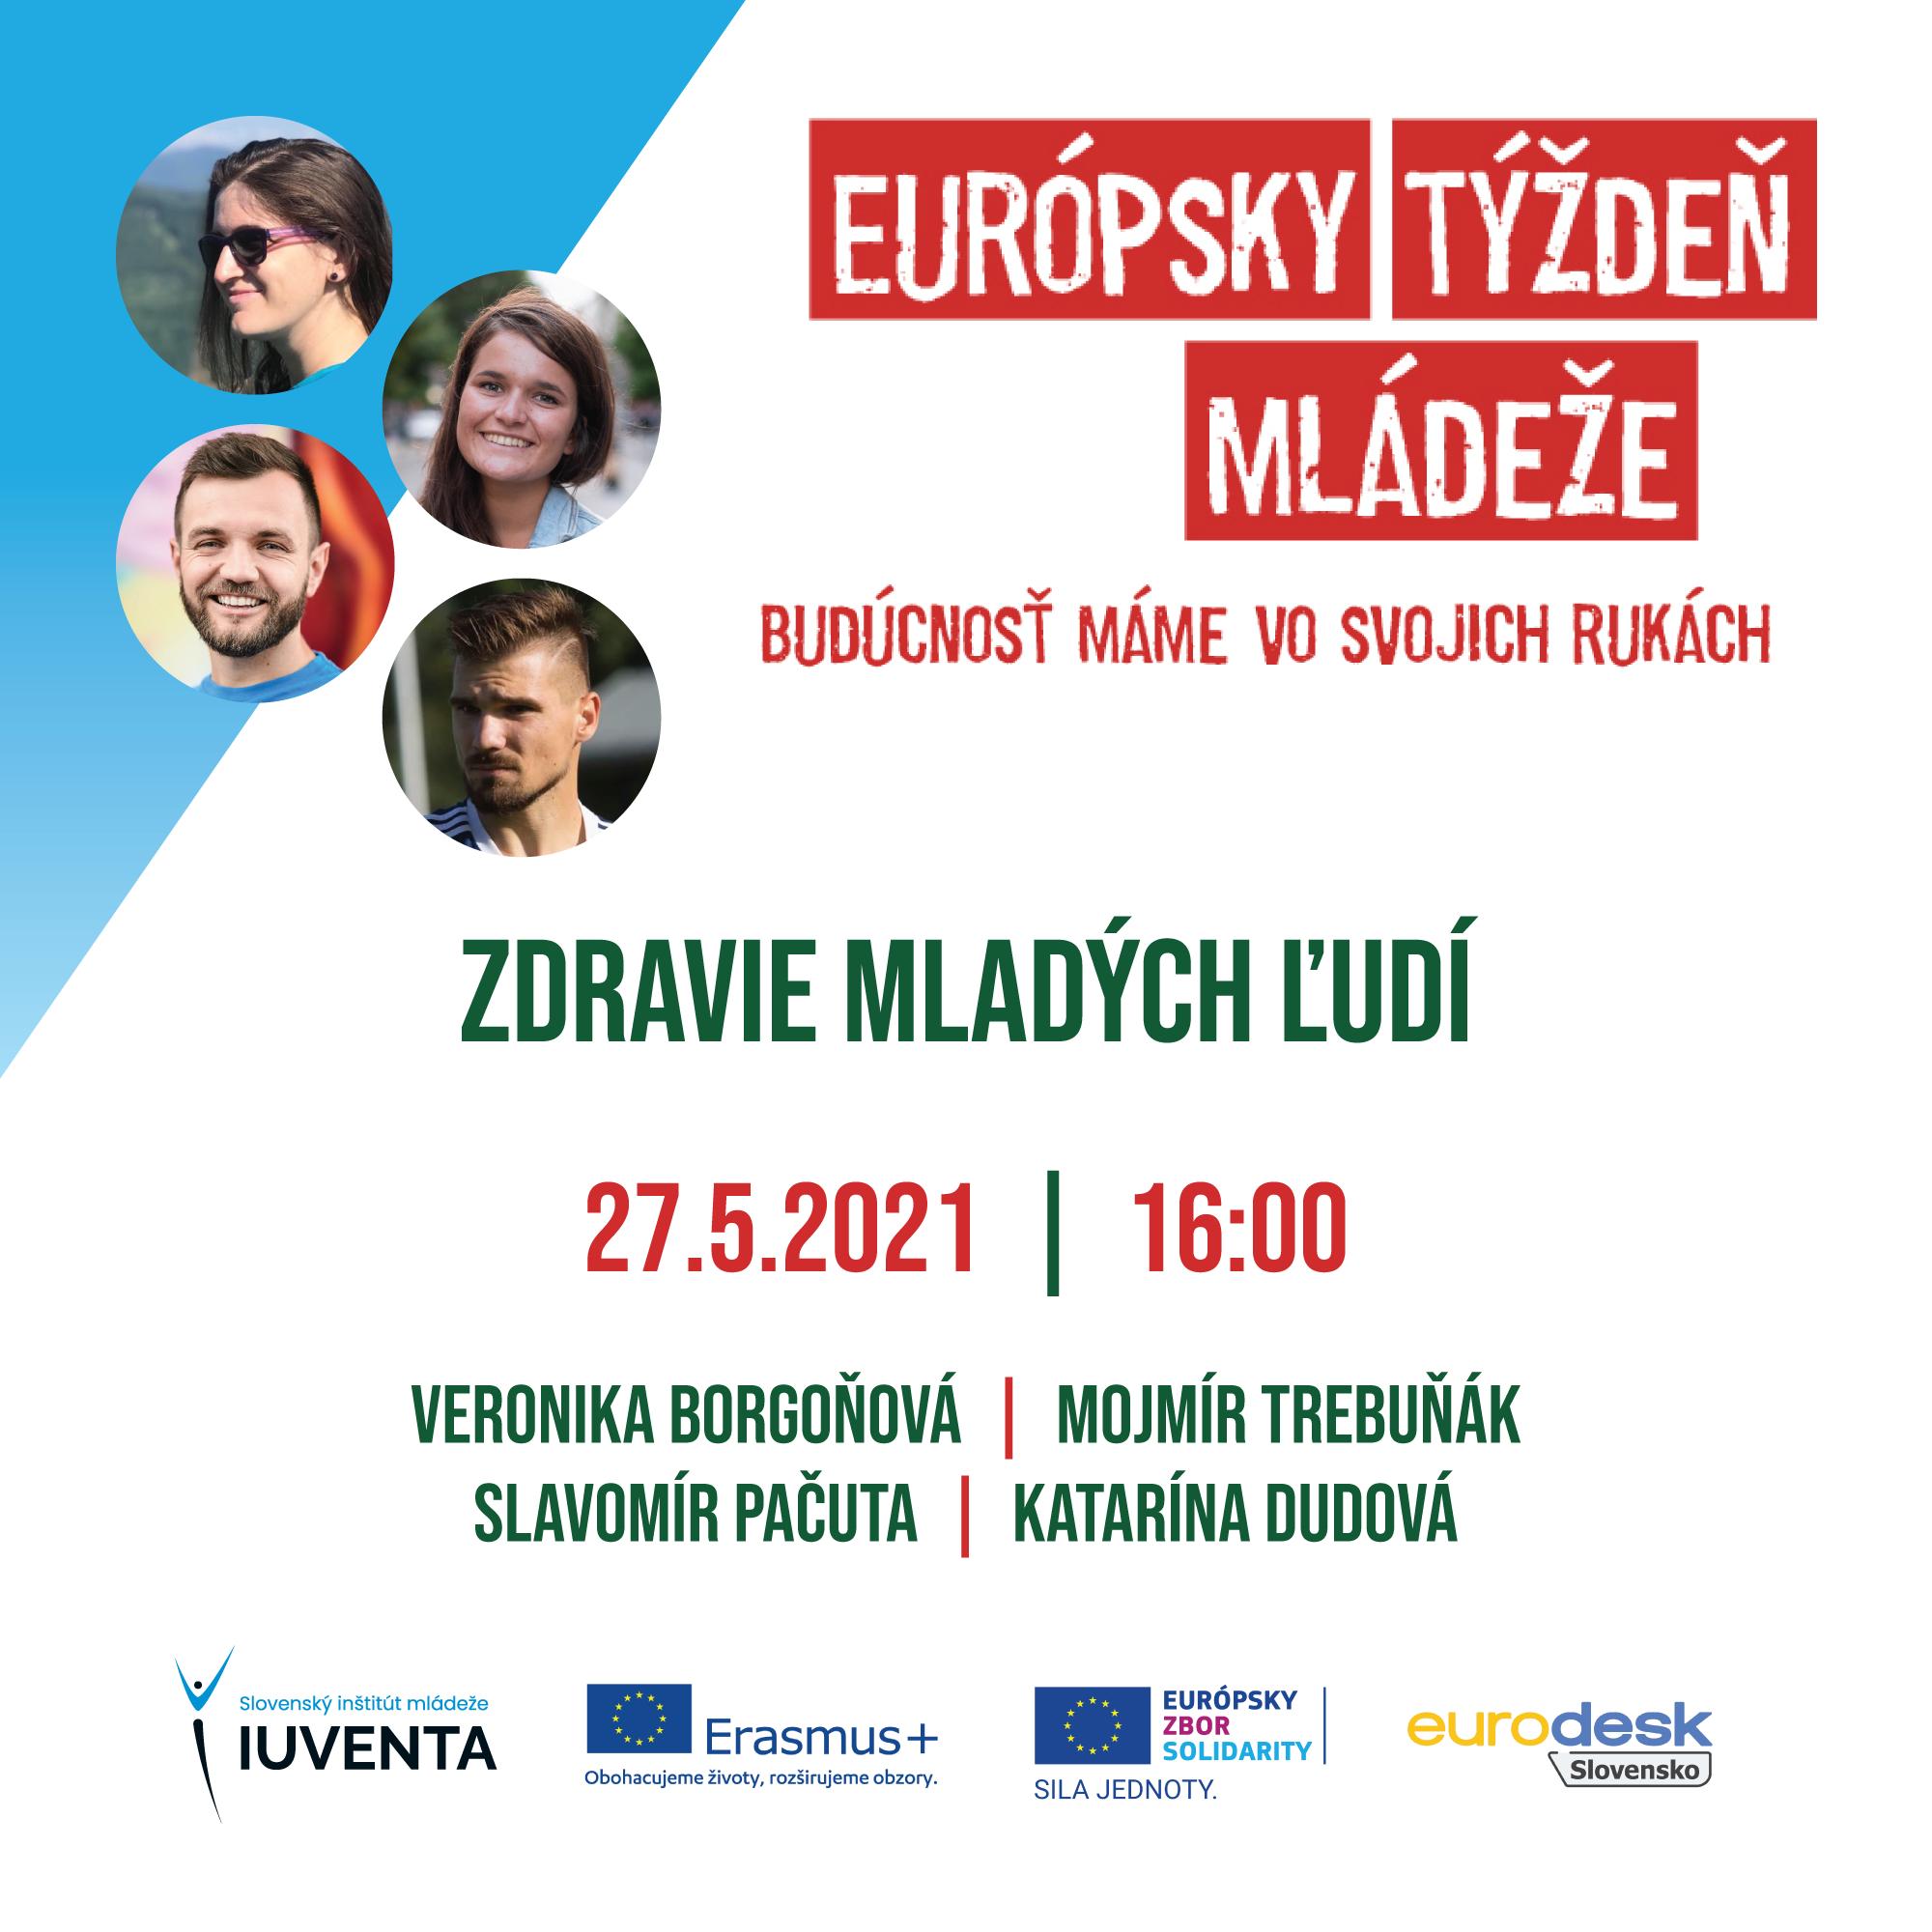 Európsky týždeň mládeže - čo nás čaká vo štvrtok, 27.5.2021